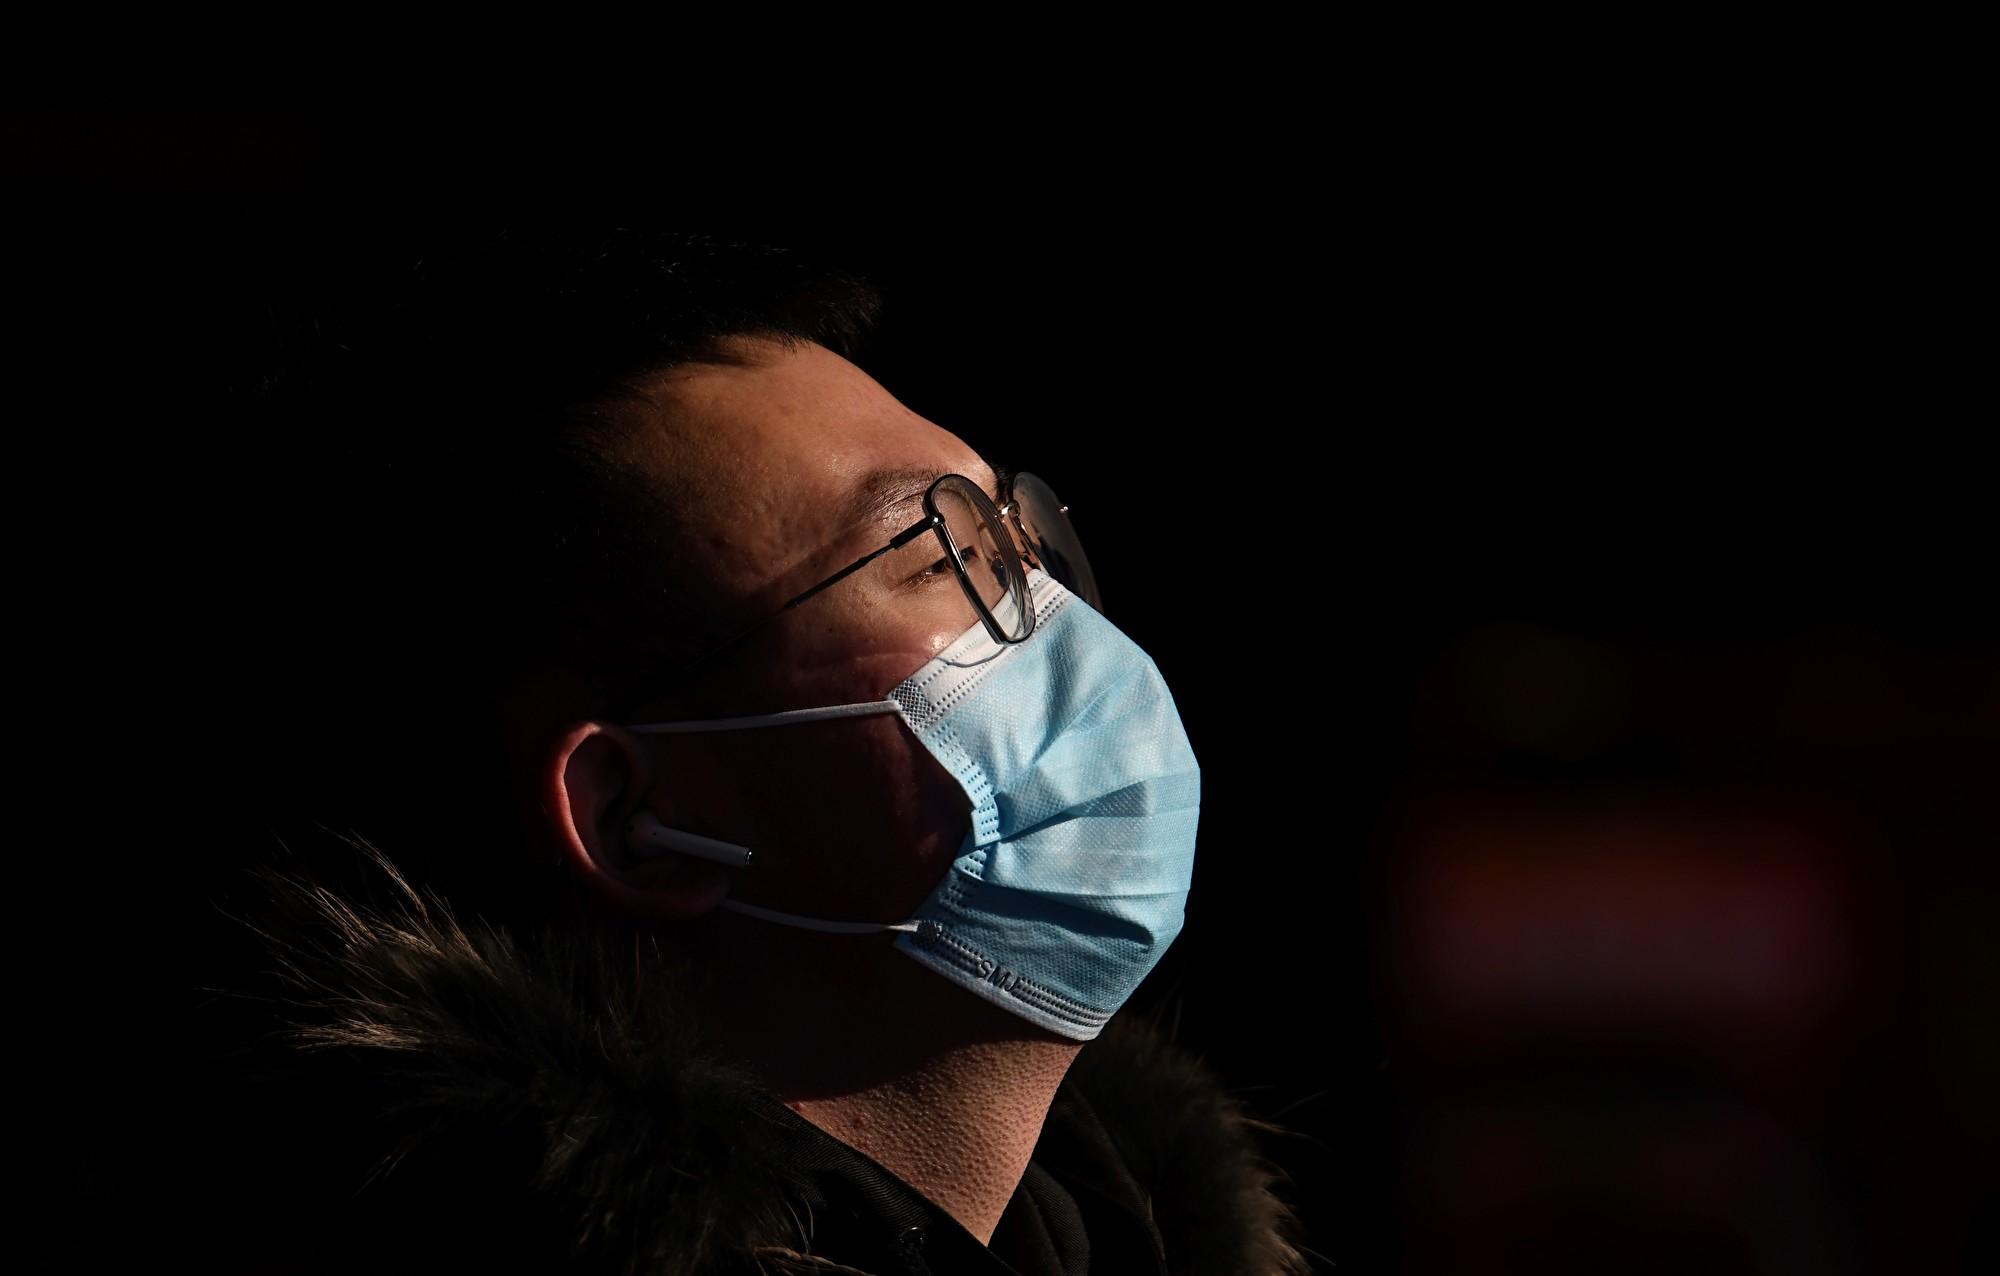 中共肺炎感染率及死亡率 研究:男性較高